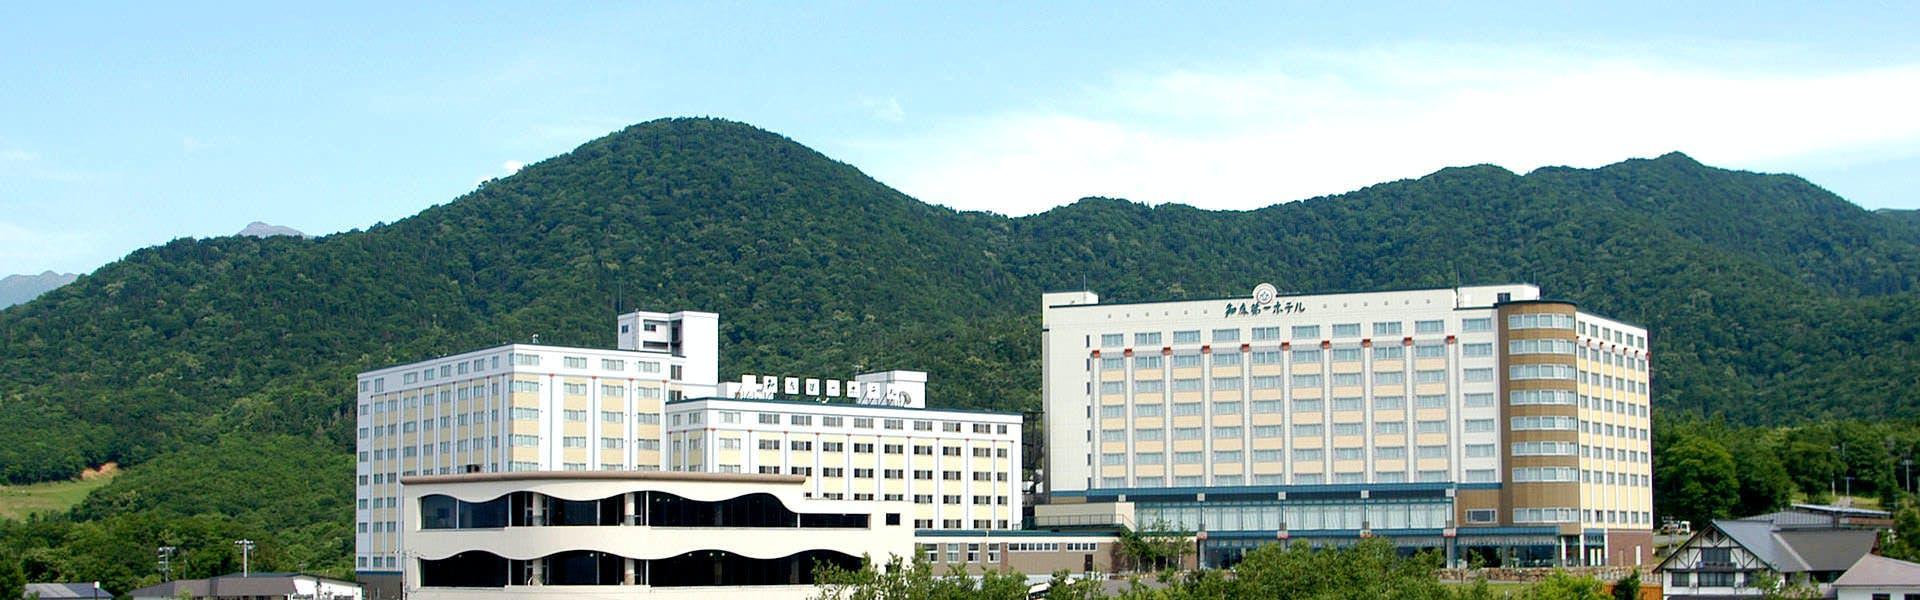 記念日におすすめのホテル・【知床第一ホテル】の写真1